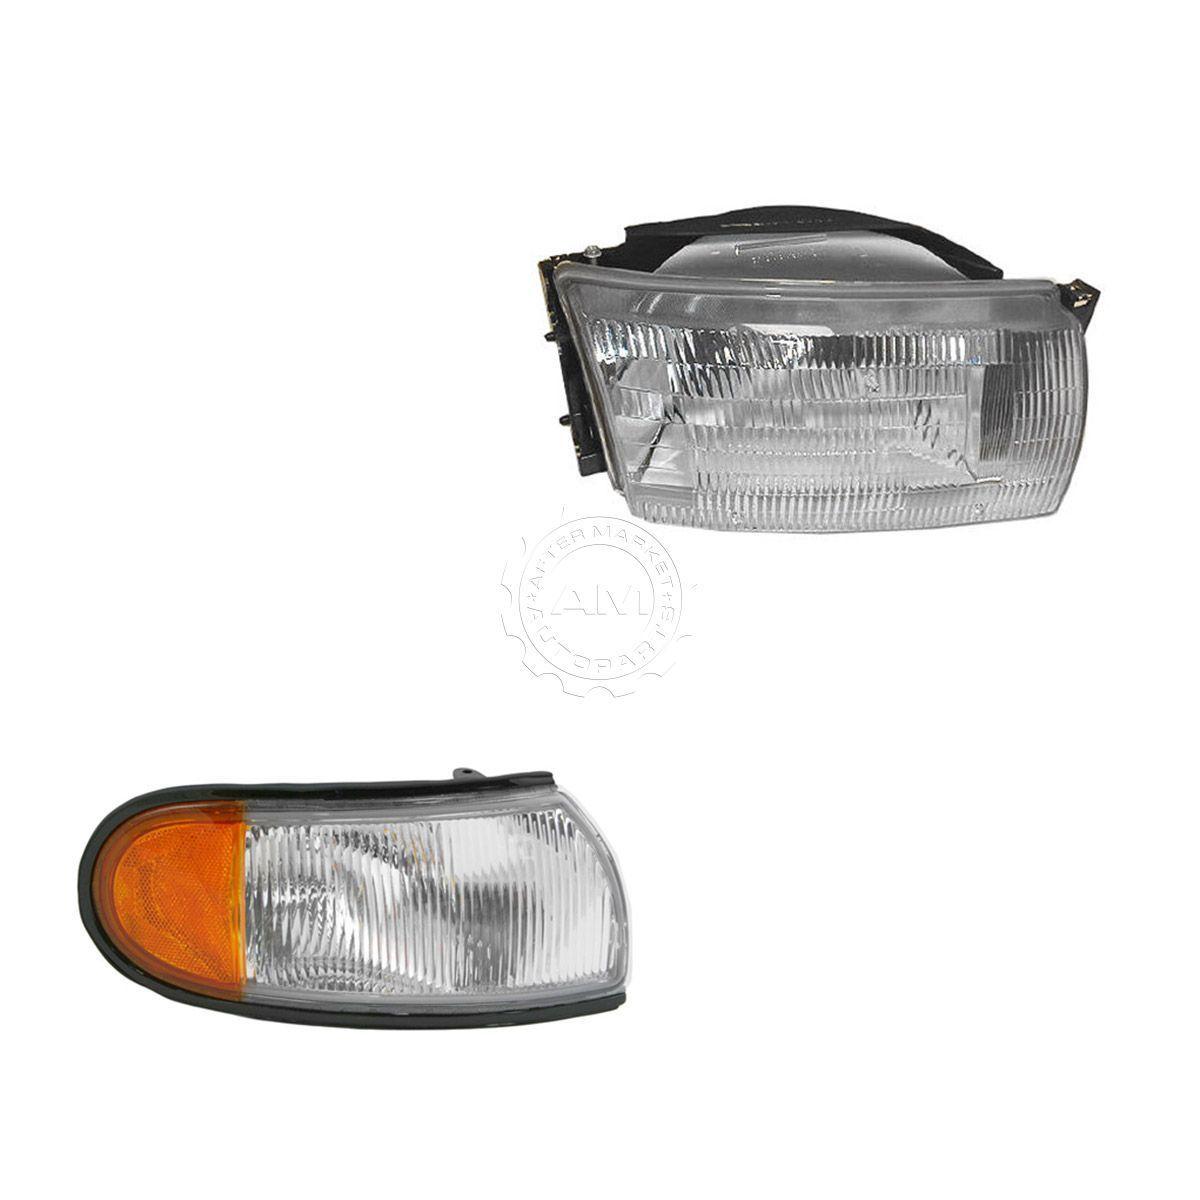 コーナーライト Headlight Corner Light Lamp Kit RH Right Passenger Side for 93-95 Villager Quest ヘッドライトコーナーライトランプキットRH 93-95ビレッジクエストの右側乗員側